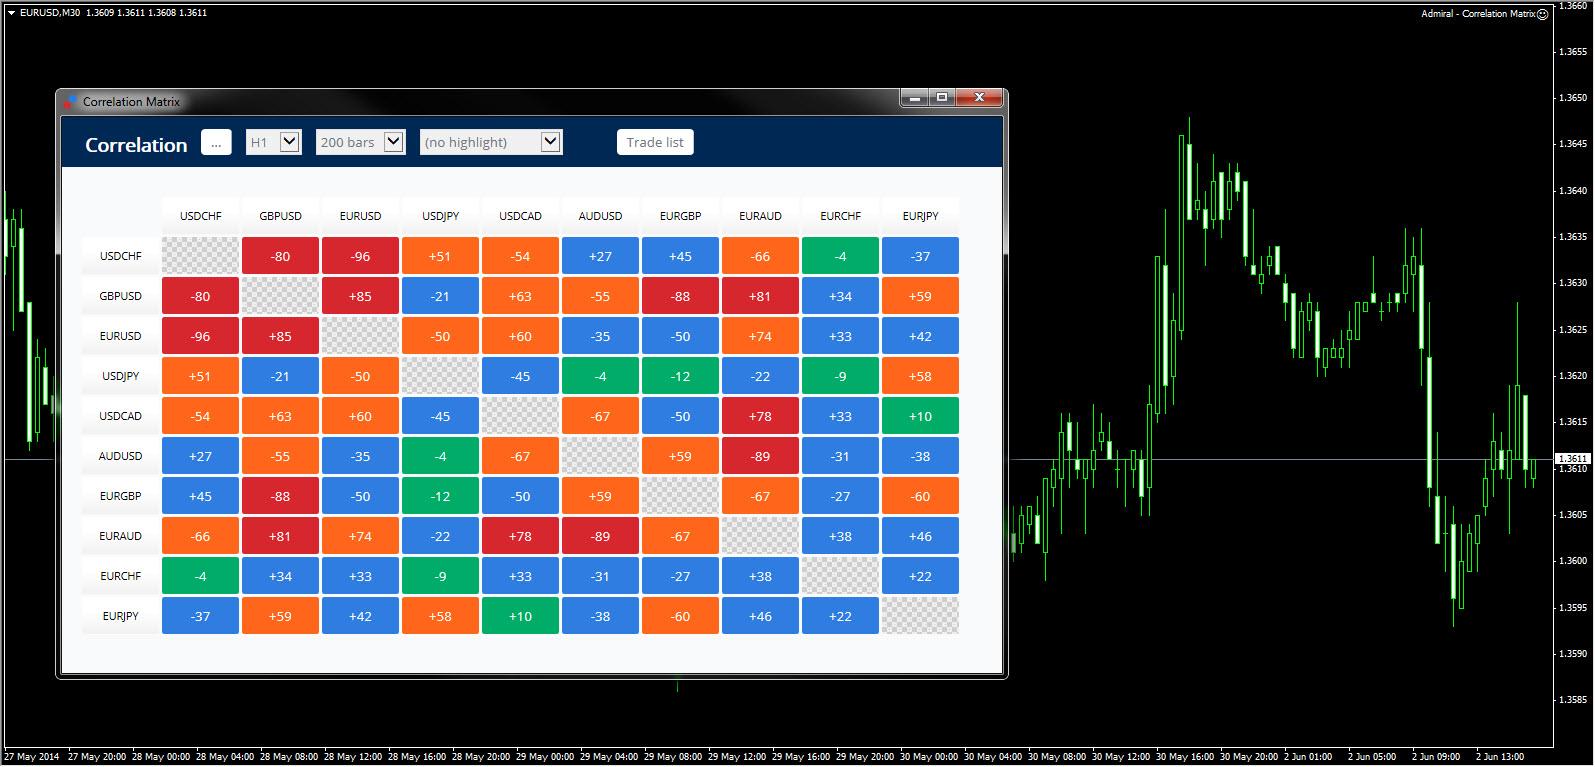 Cara Menggunakan Correlation Matrix Untuk Trading